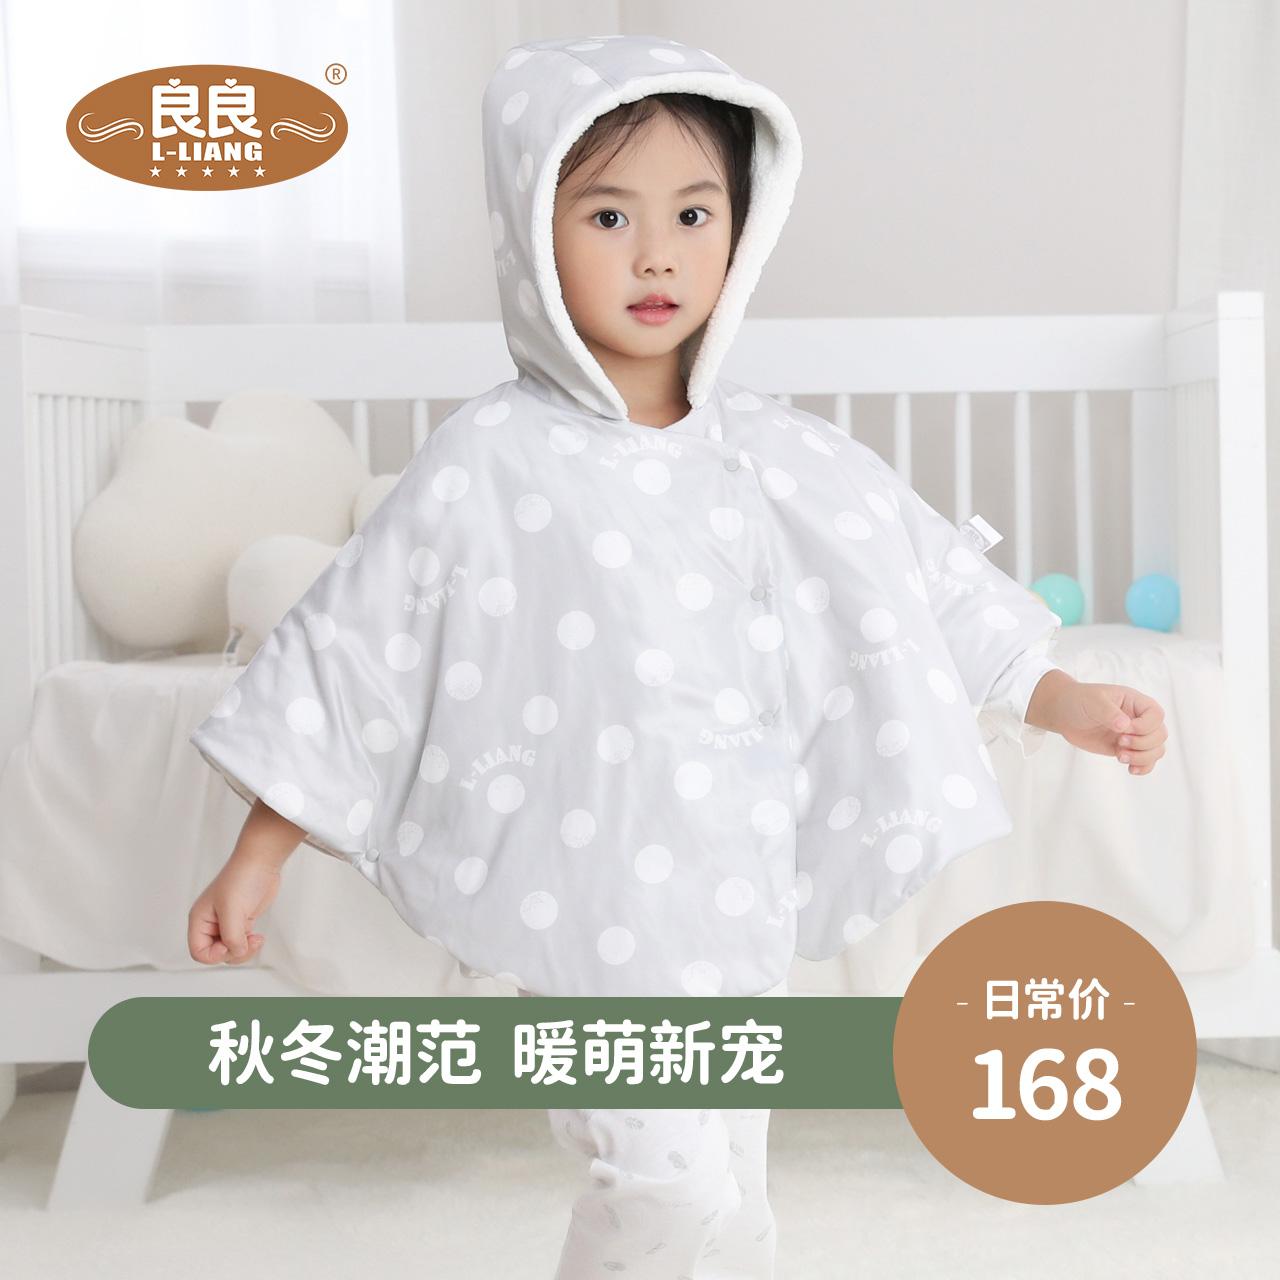 良良婴儿披风斗篷秋冬外出加厚款新生儿宝宝披风儿童防风外套